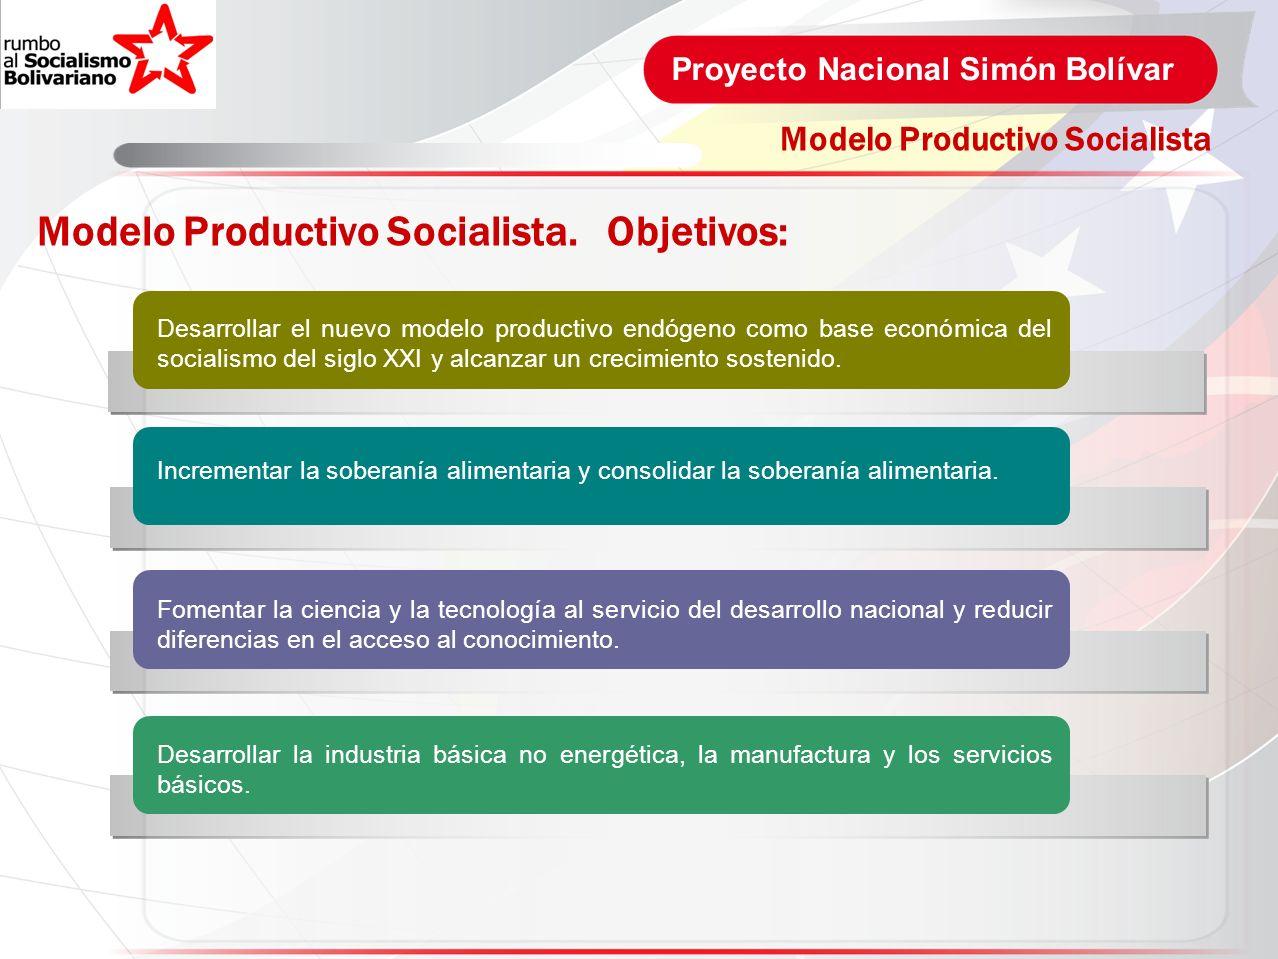 Proyecto Nacional Simón Bolívar Modelo Productivo Socialista Modelo Productivo Socialista. Objetivos: Desarrollar el nuevo modelo productivo endógeno